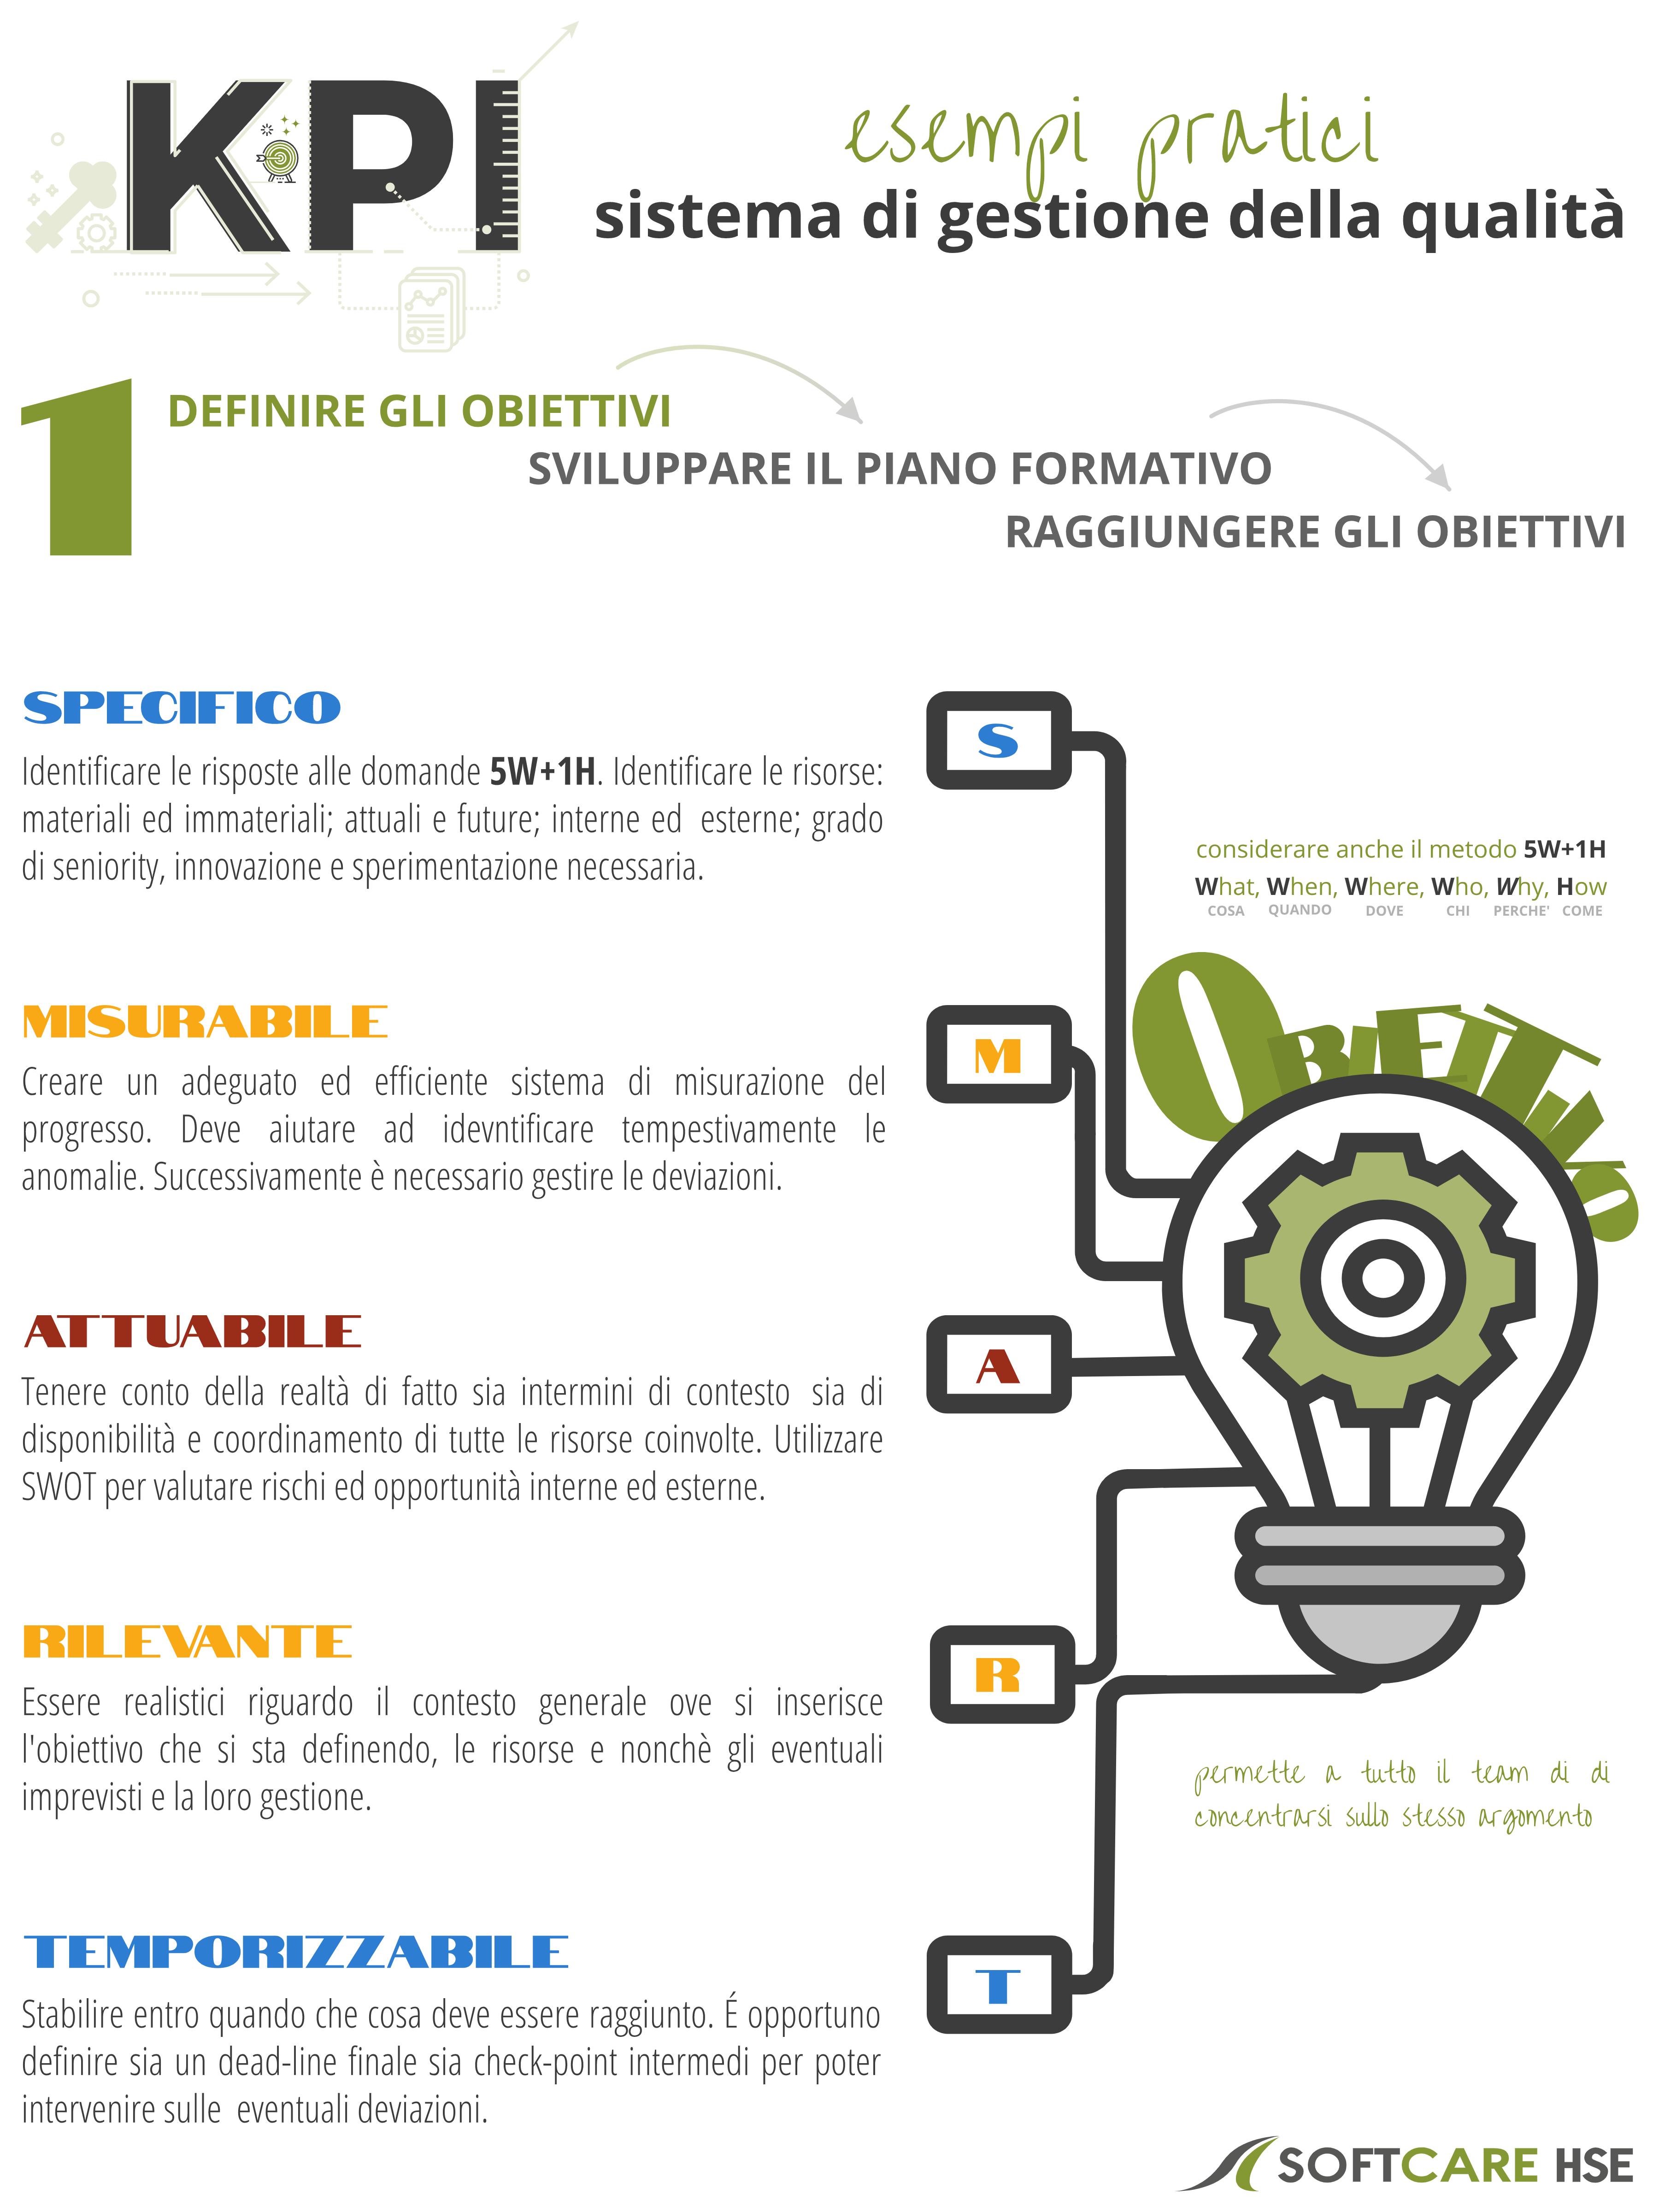 SOFTCAREHSE kpi esempi pratici - formazione qualità - definizione obiettivi smart